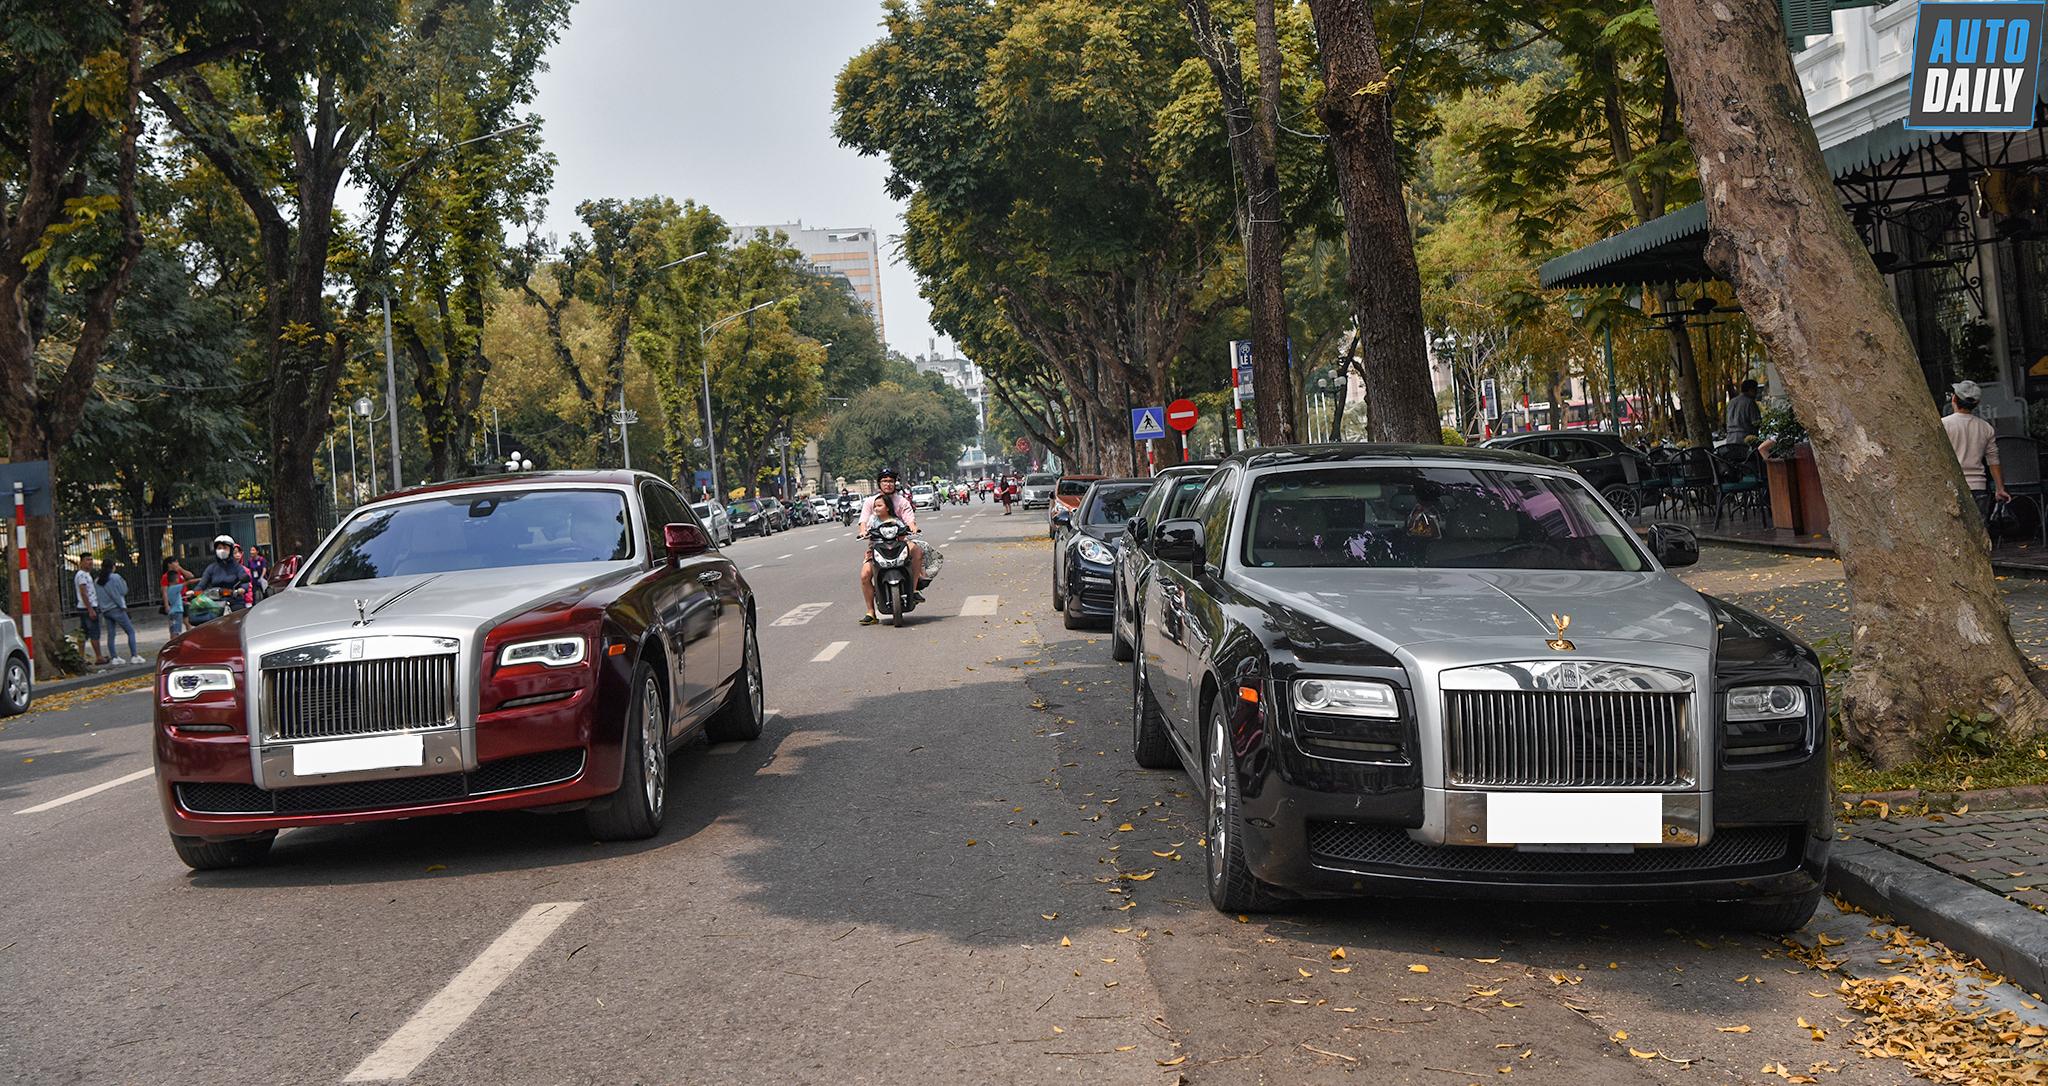 Chùm ảnh dàn xe Rolls-Royce, Bentley nối đuôi nhau tại Hà Nội